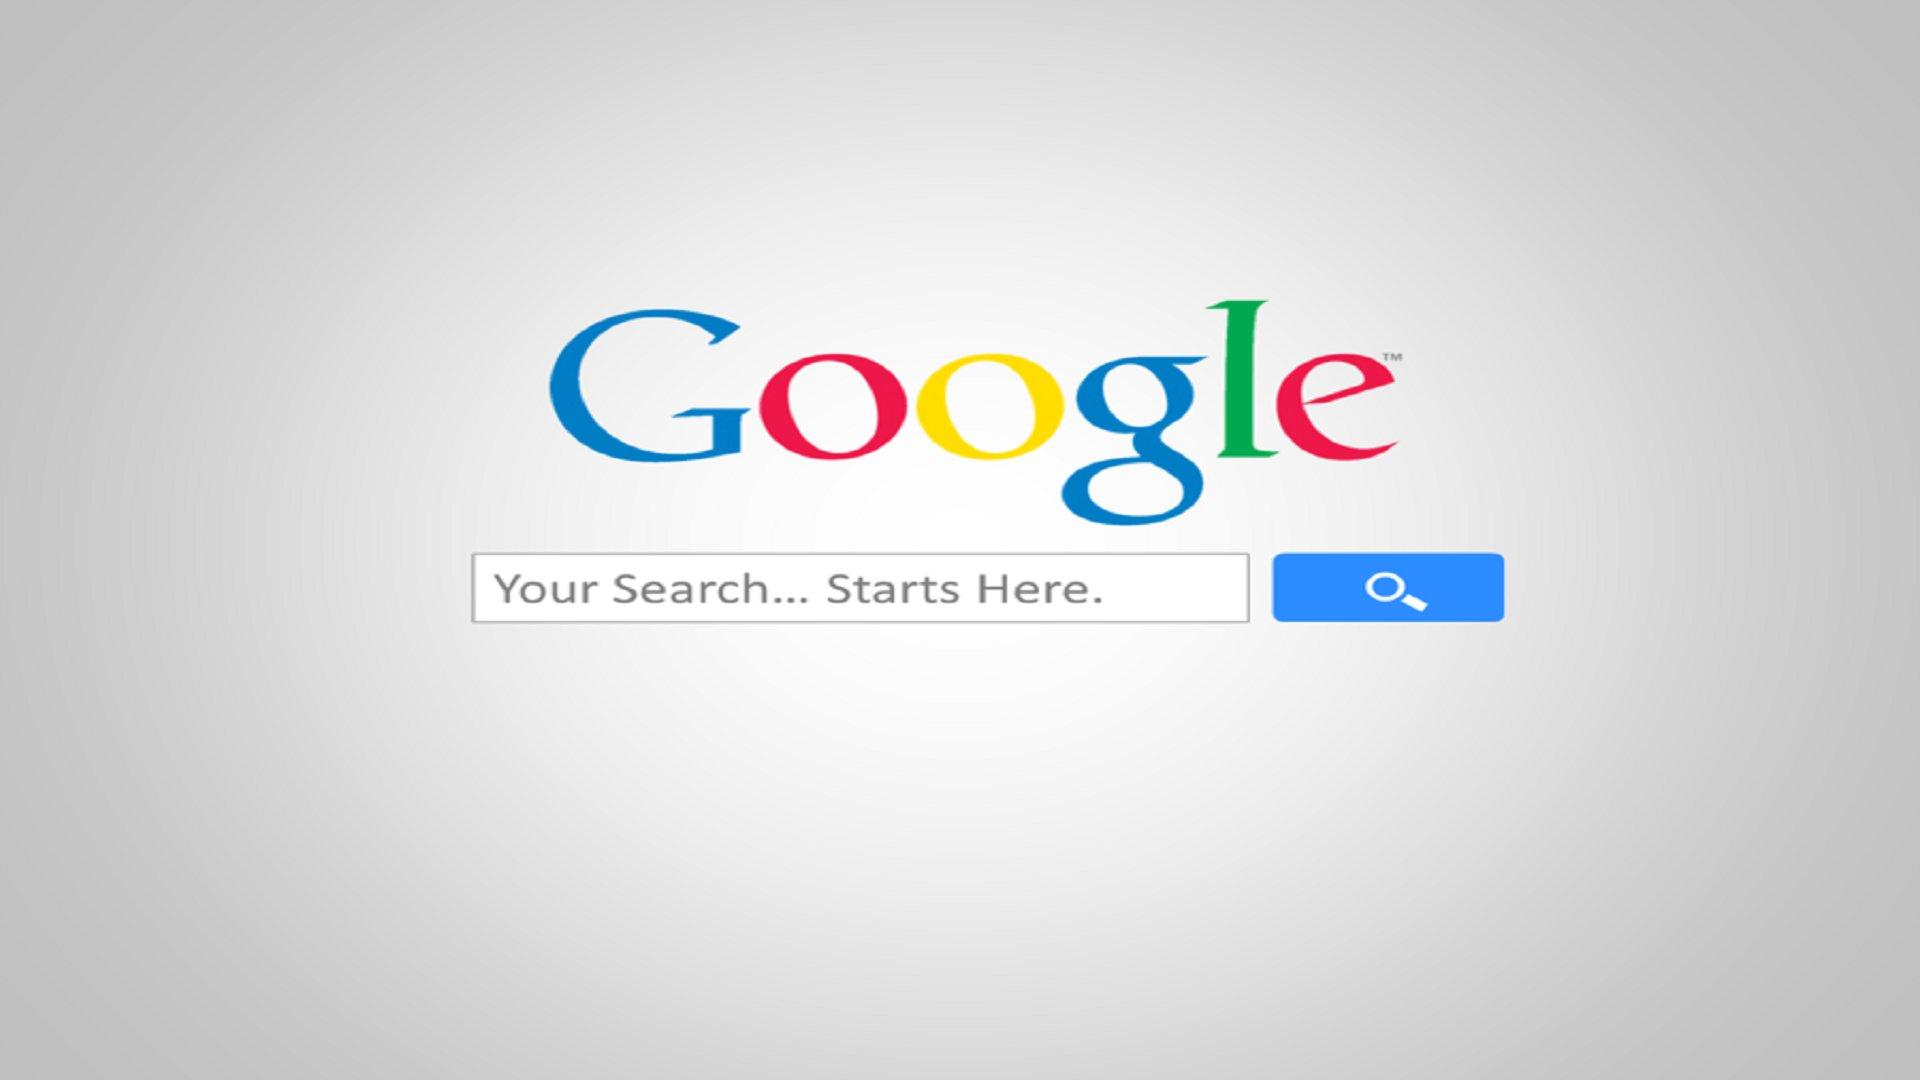 Возможен ли поиск в гугле по фотографии наиболее значимыми